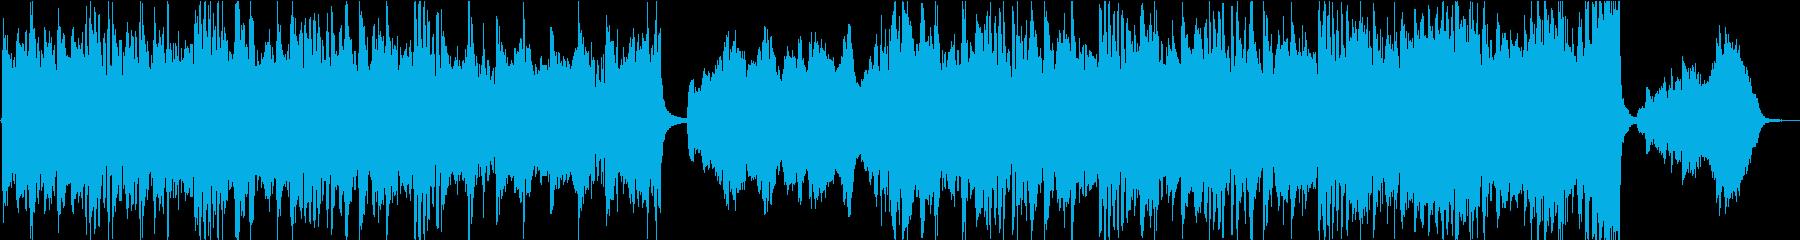 壮大で明るいディズニー風オケ(短縮版)の再生済みの波形